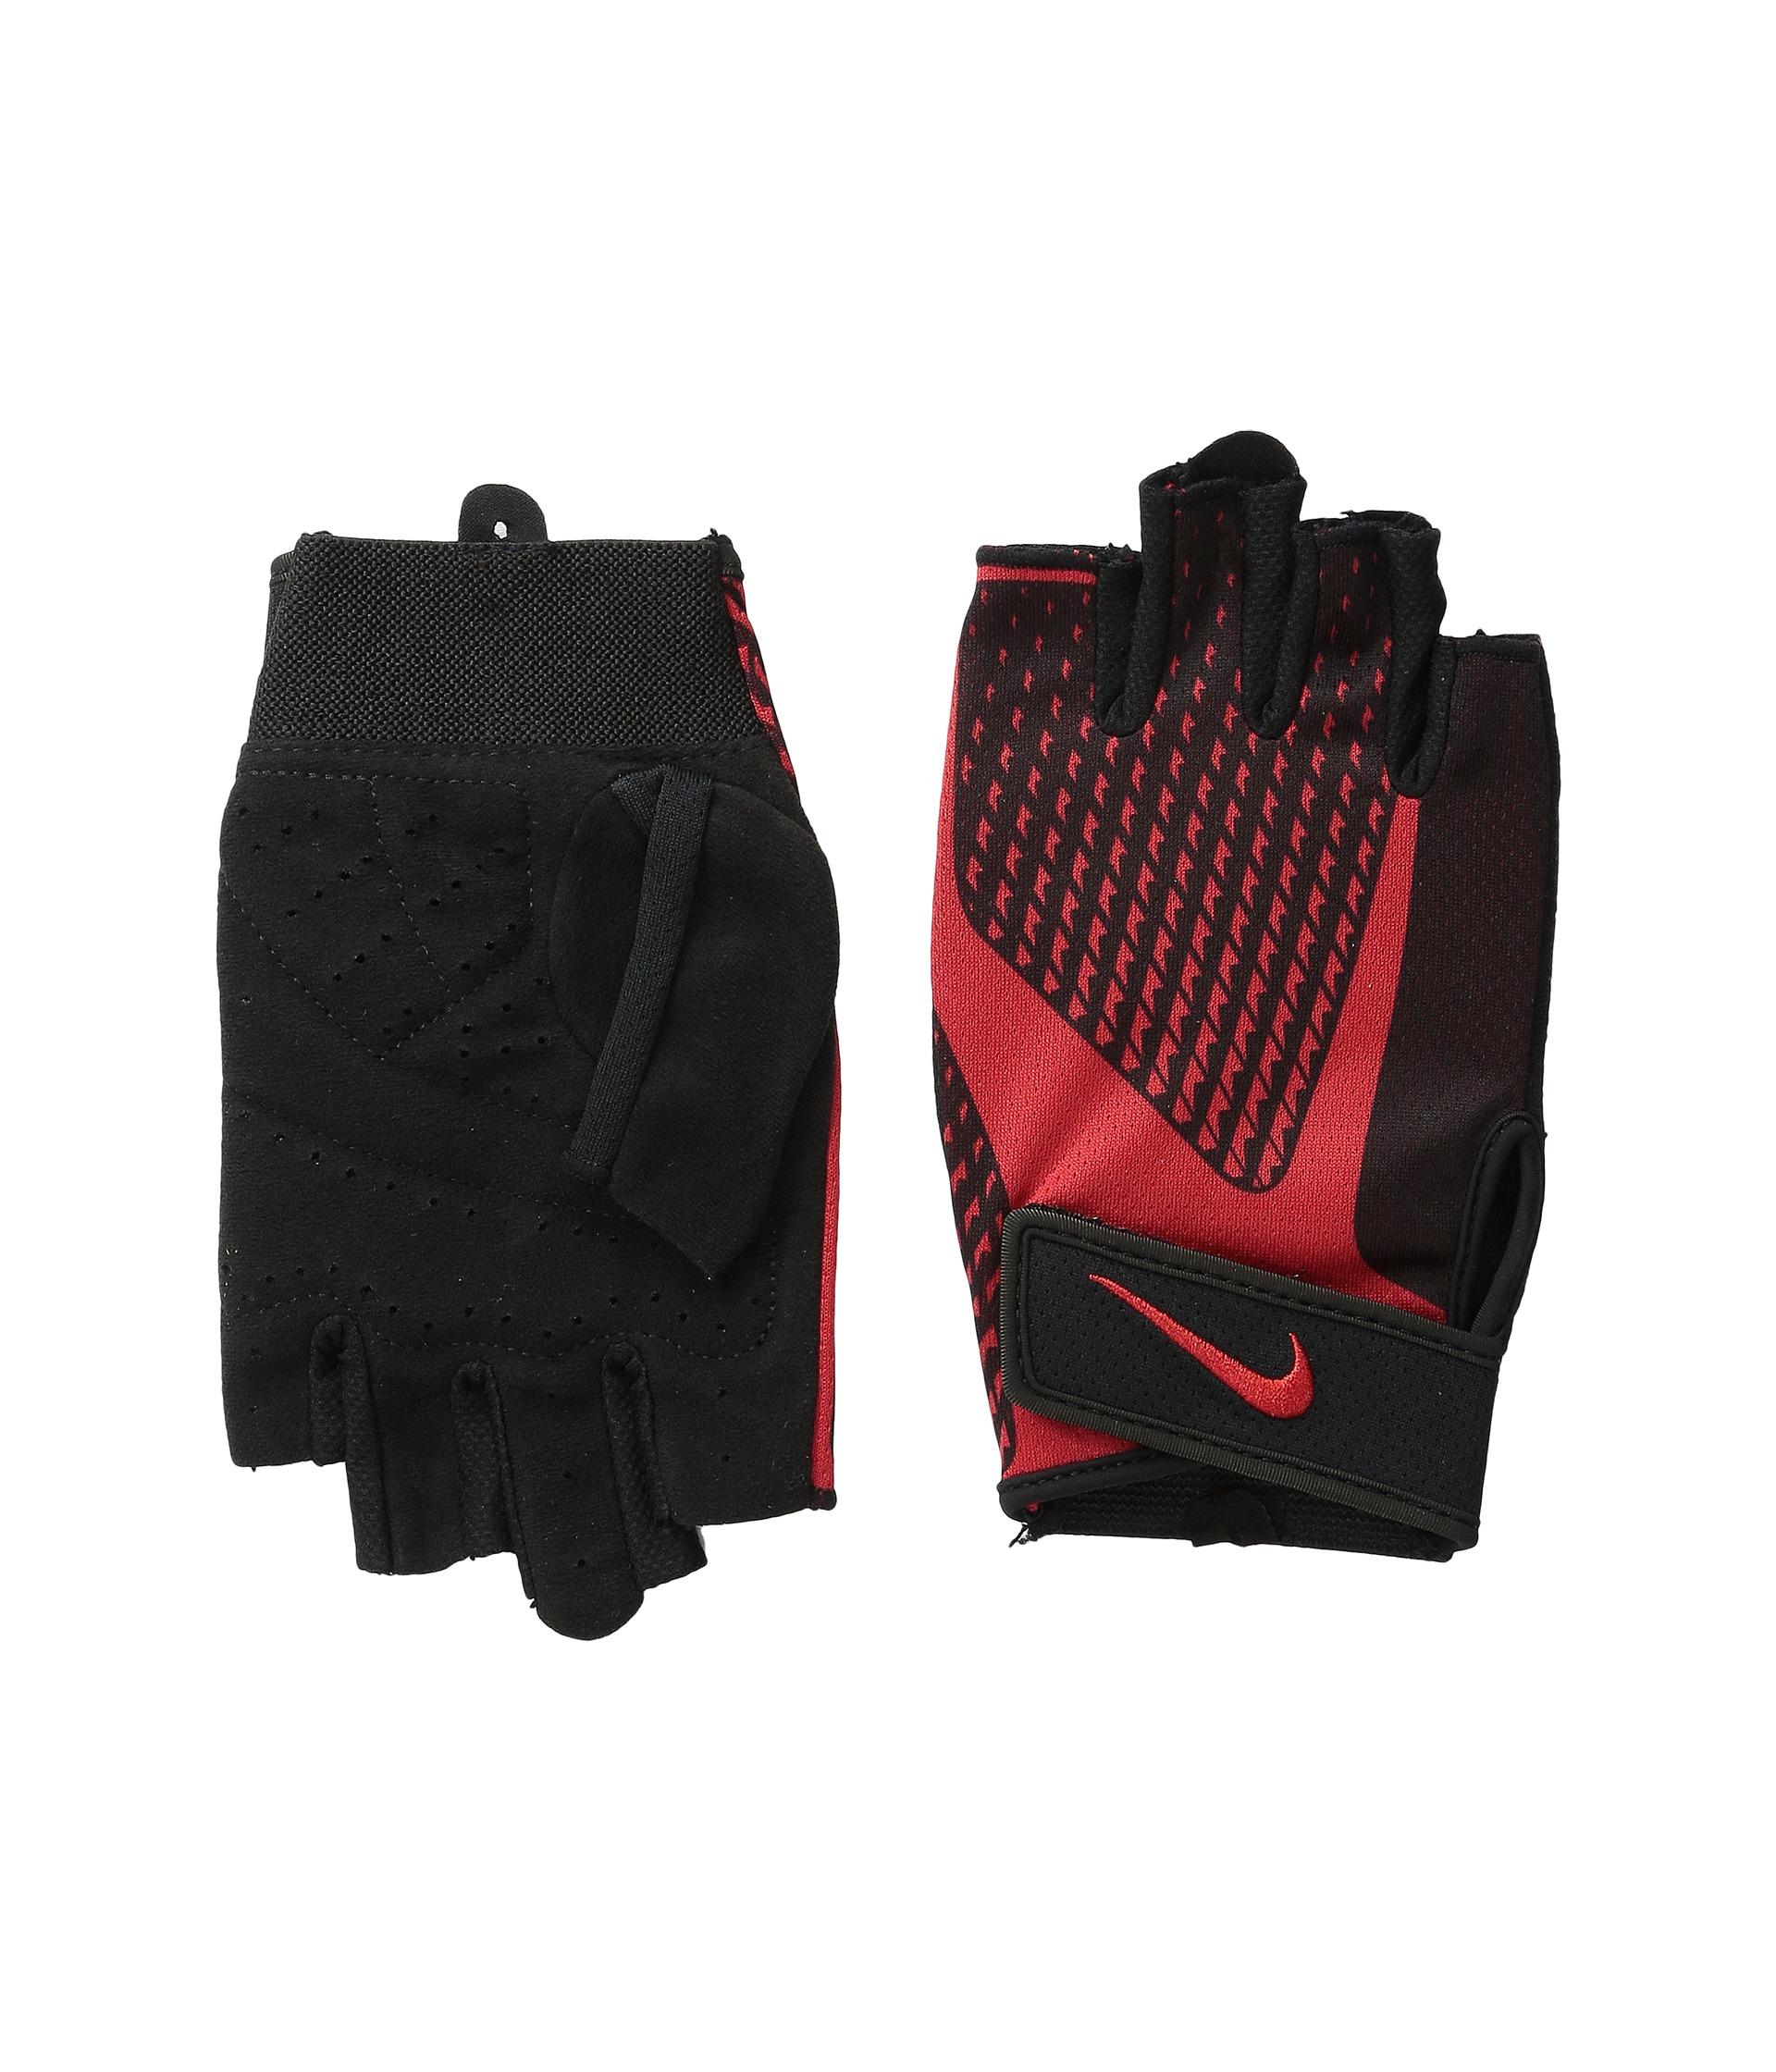 vans classic slip on soldes - Nike Core Lock Training Gloves 2.0 in Black for Men (Black ...